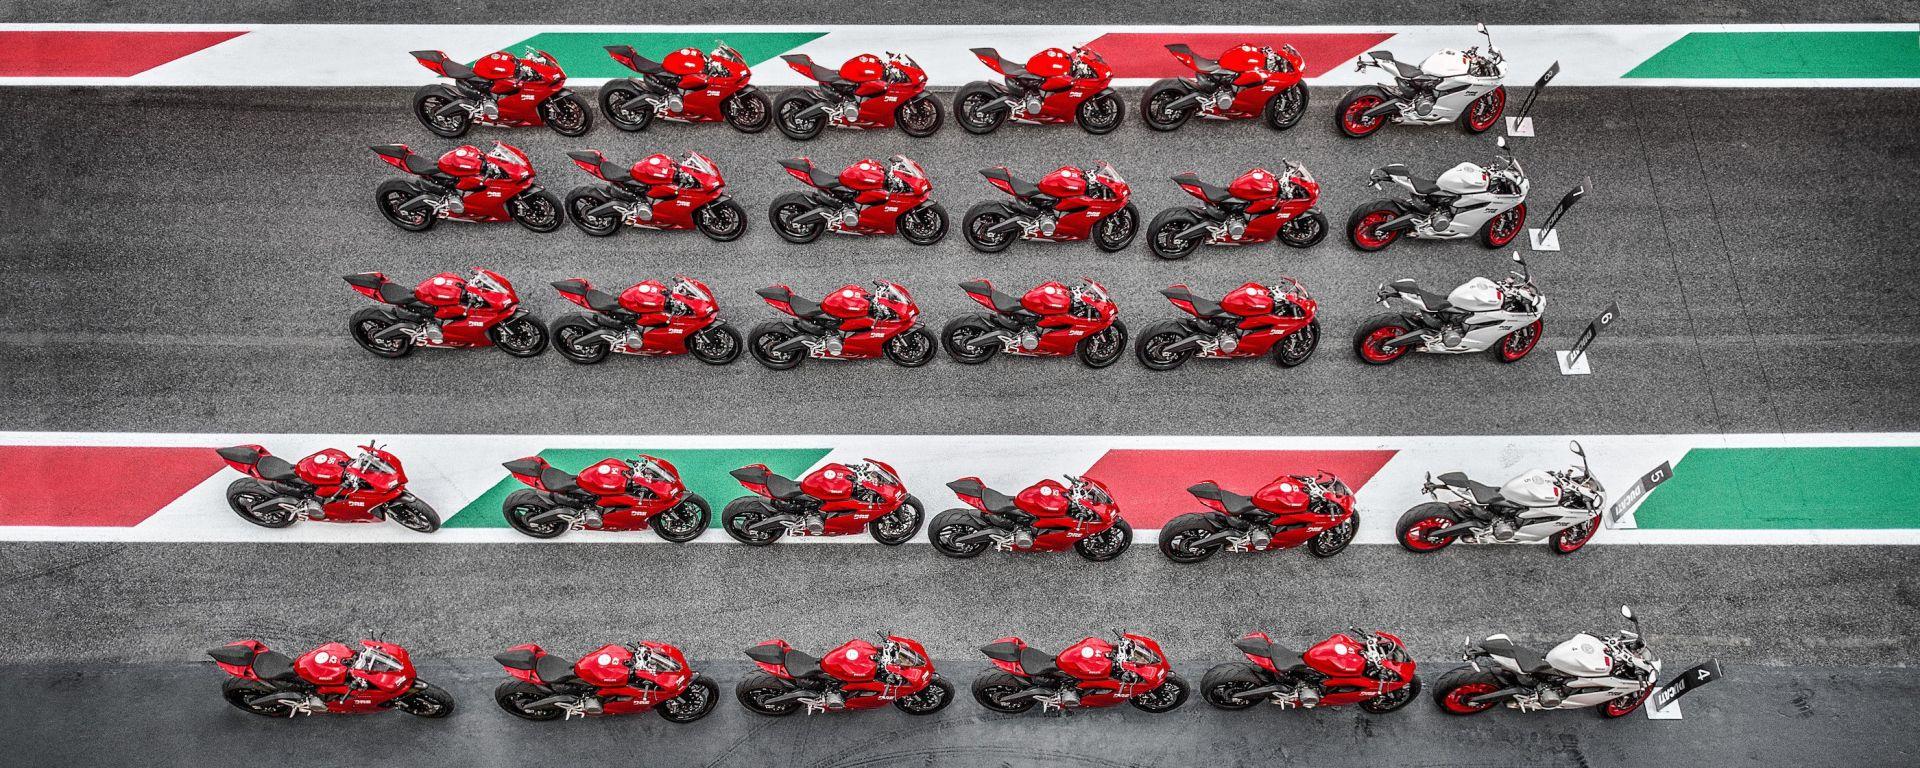 Ducati DRE: nel 2016 tornano i corsi di guida (in pista e offroad)